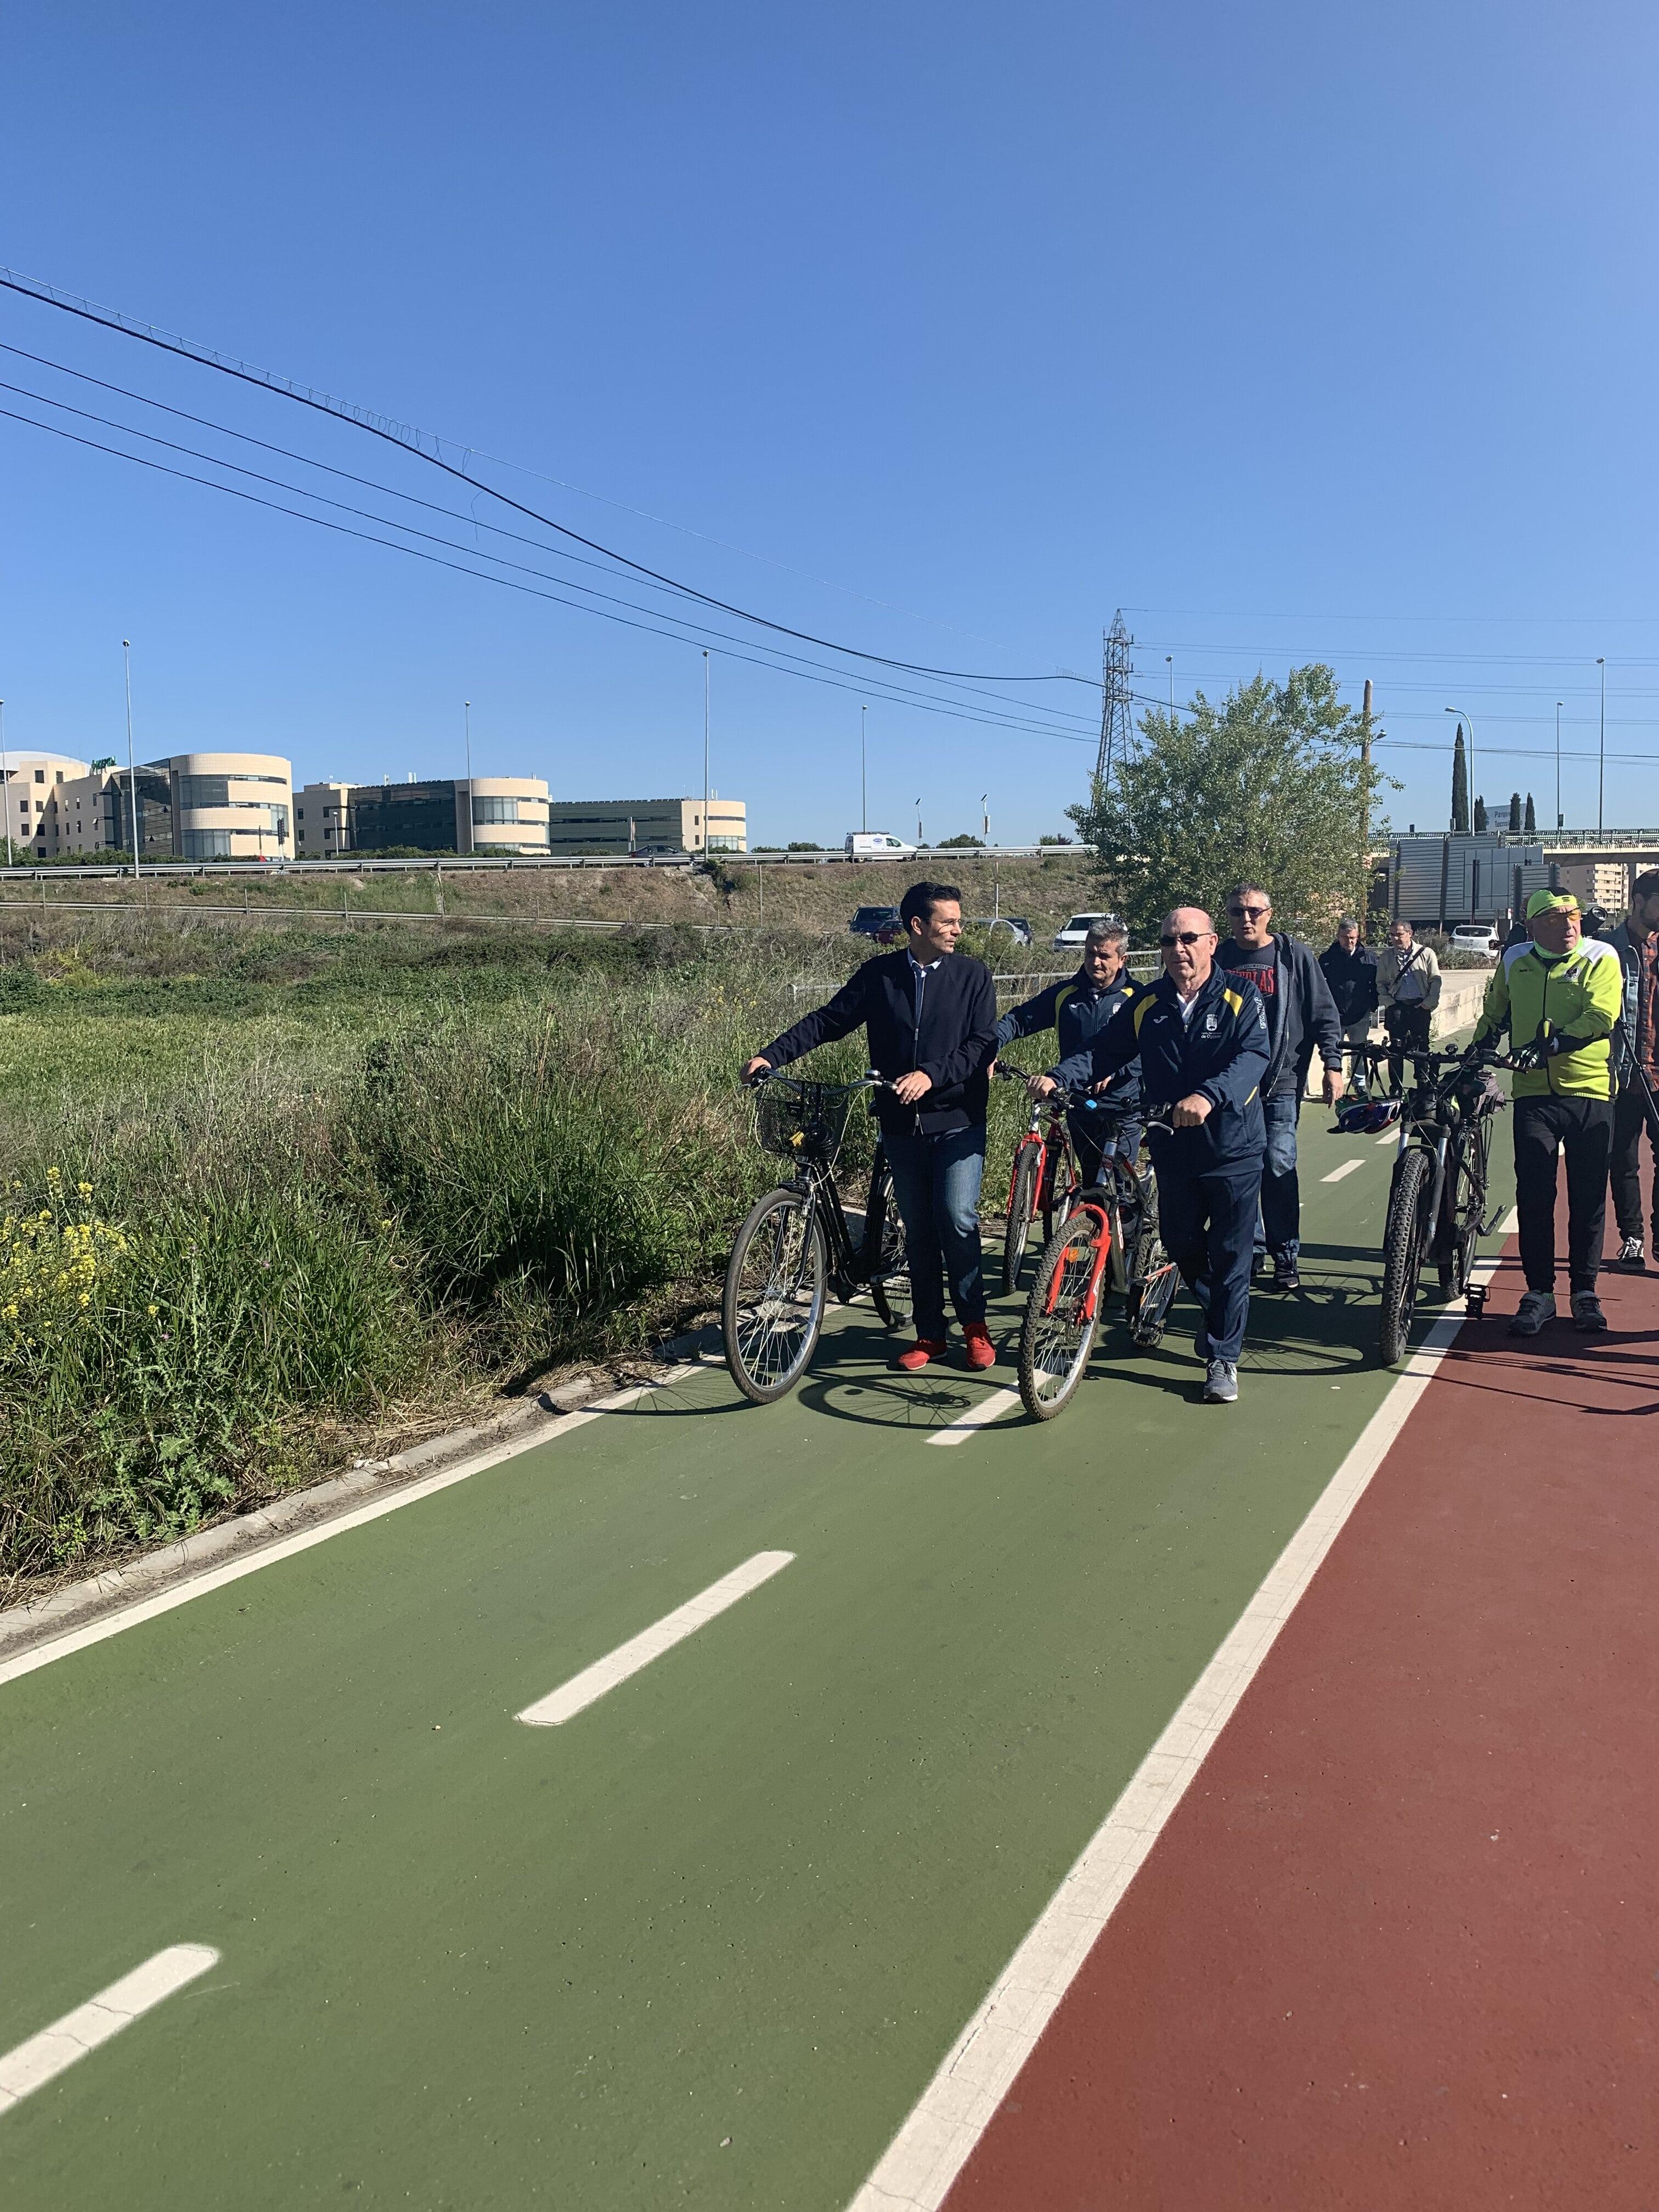 El PSOE propone reservar un carril para bicis en las calles más anchas